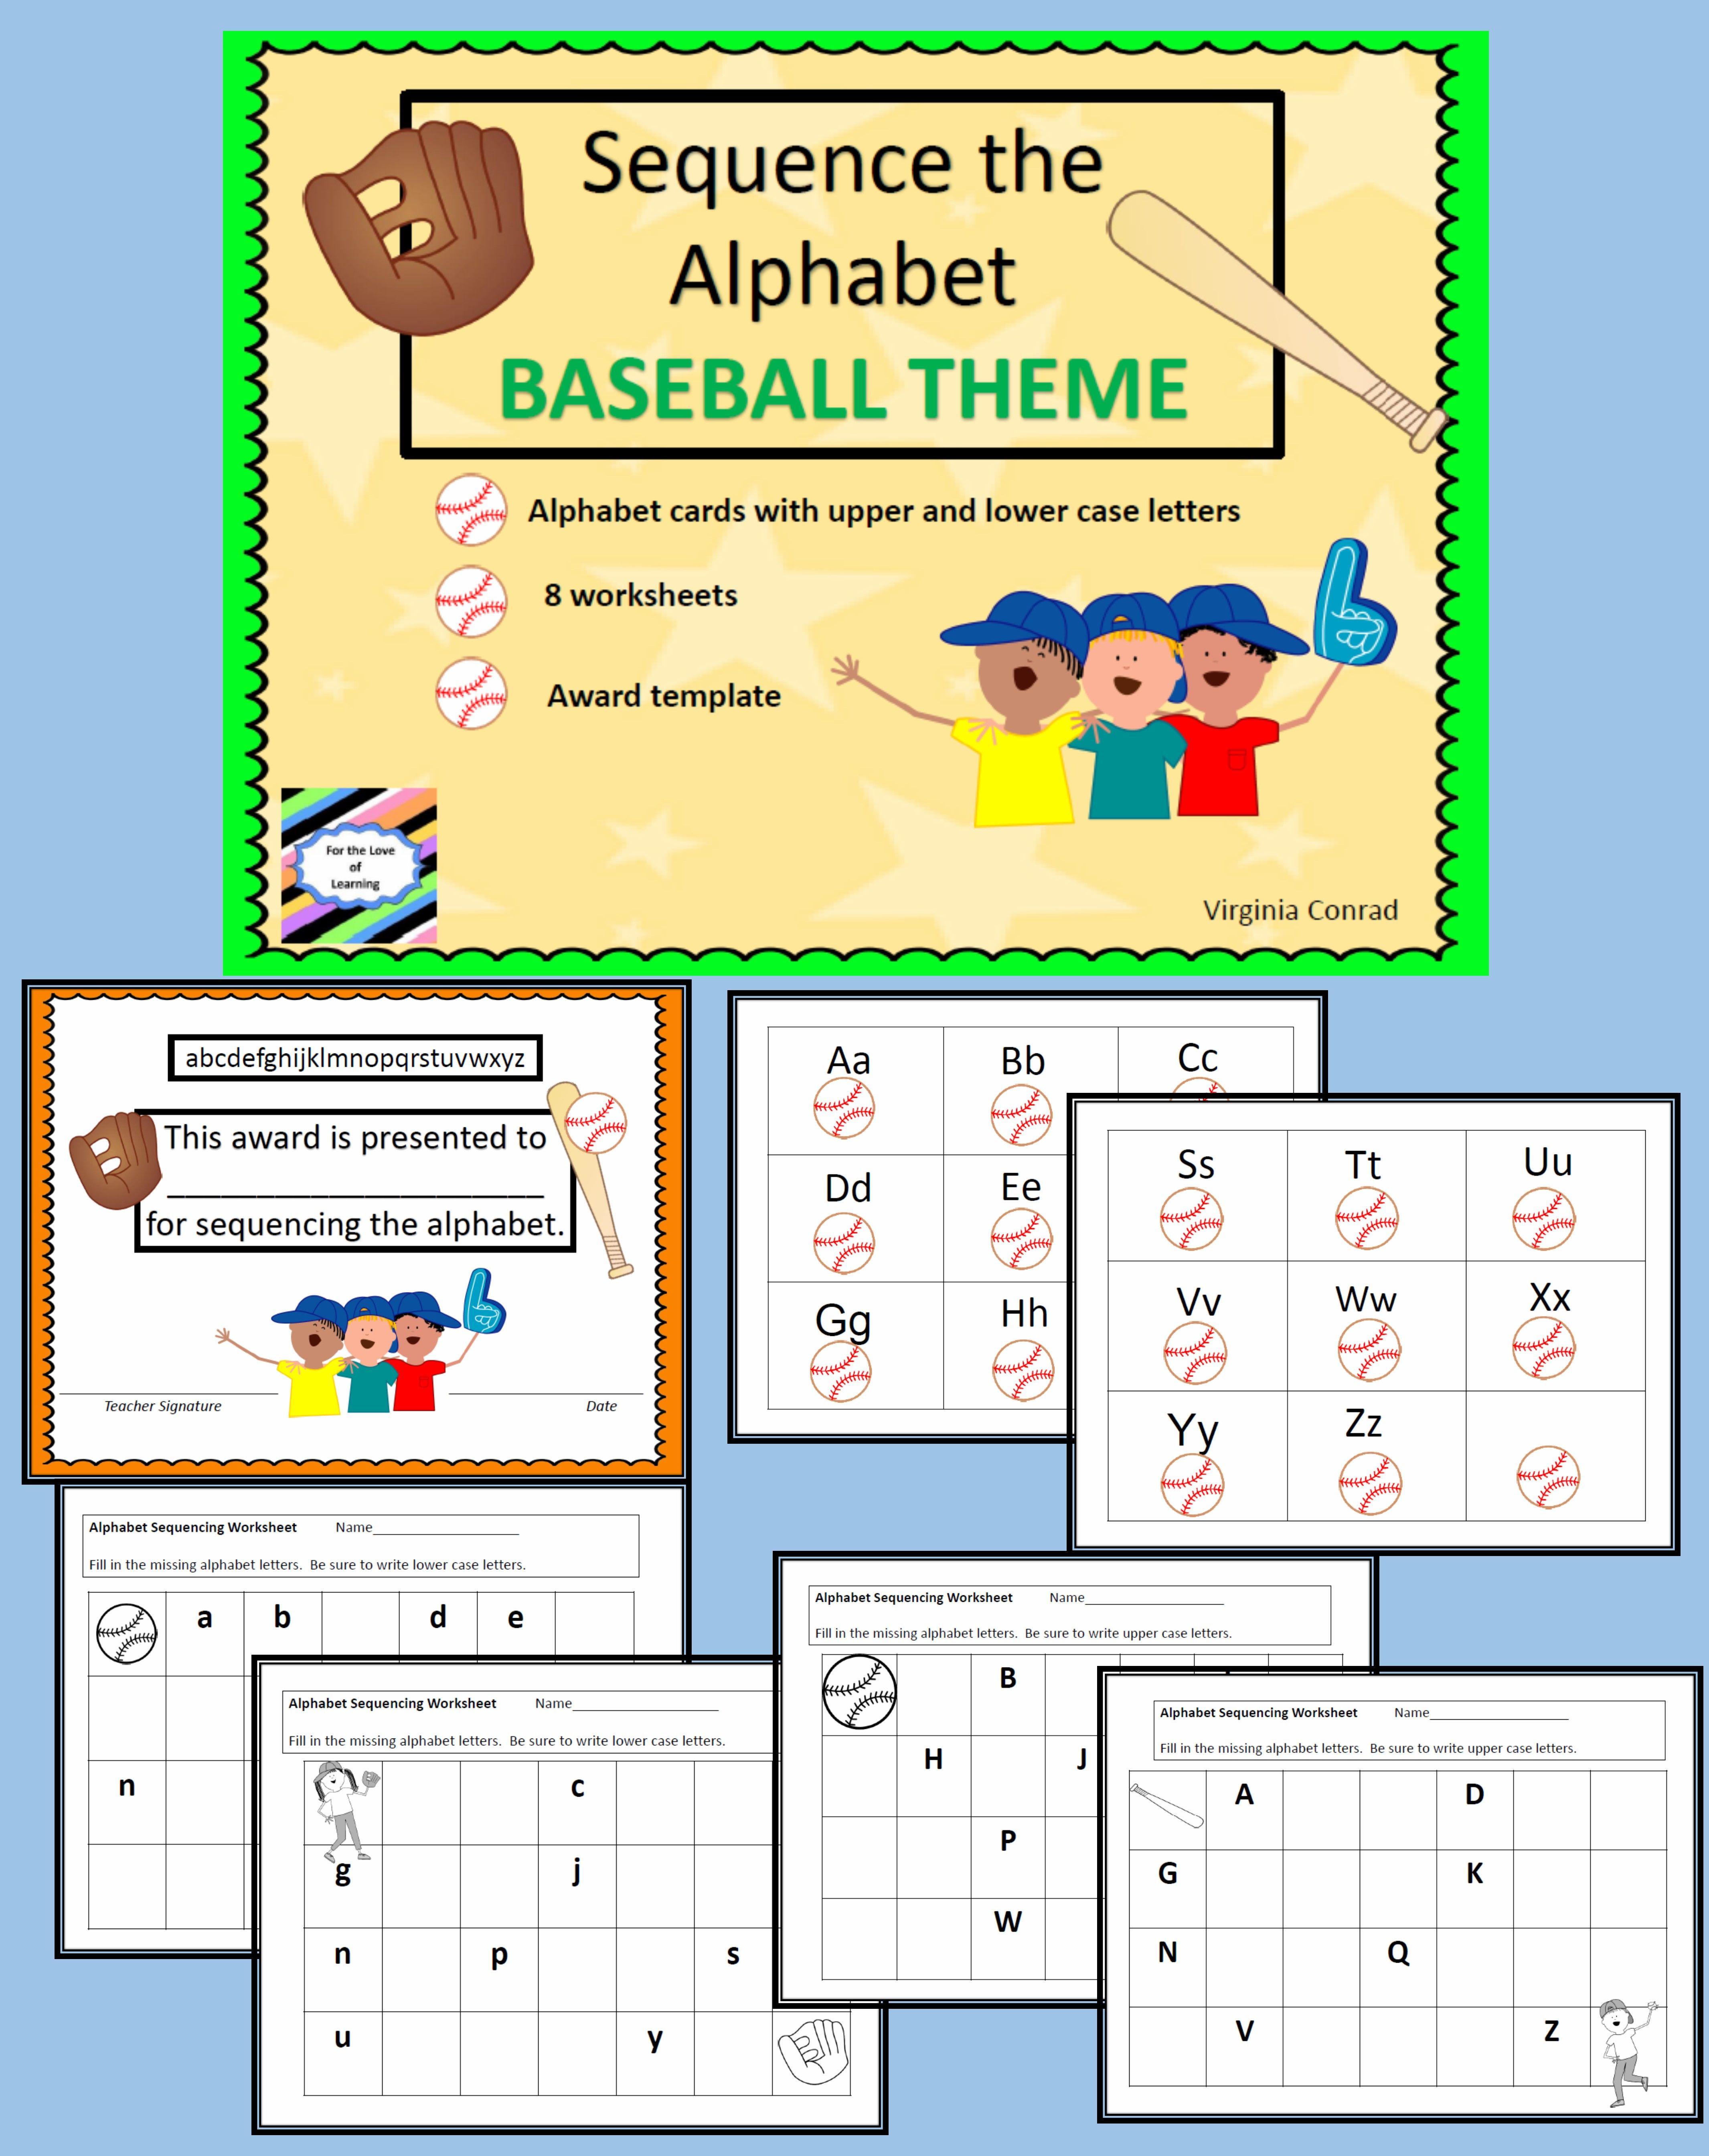 Alphabet Sequencing Baseball Theme